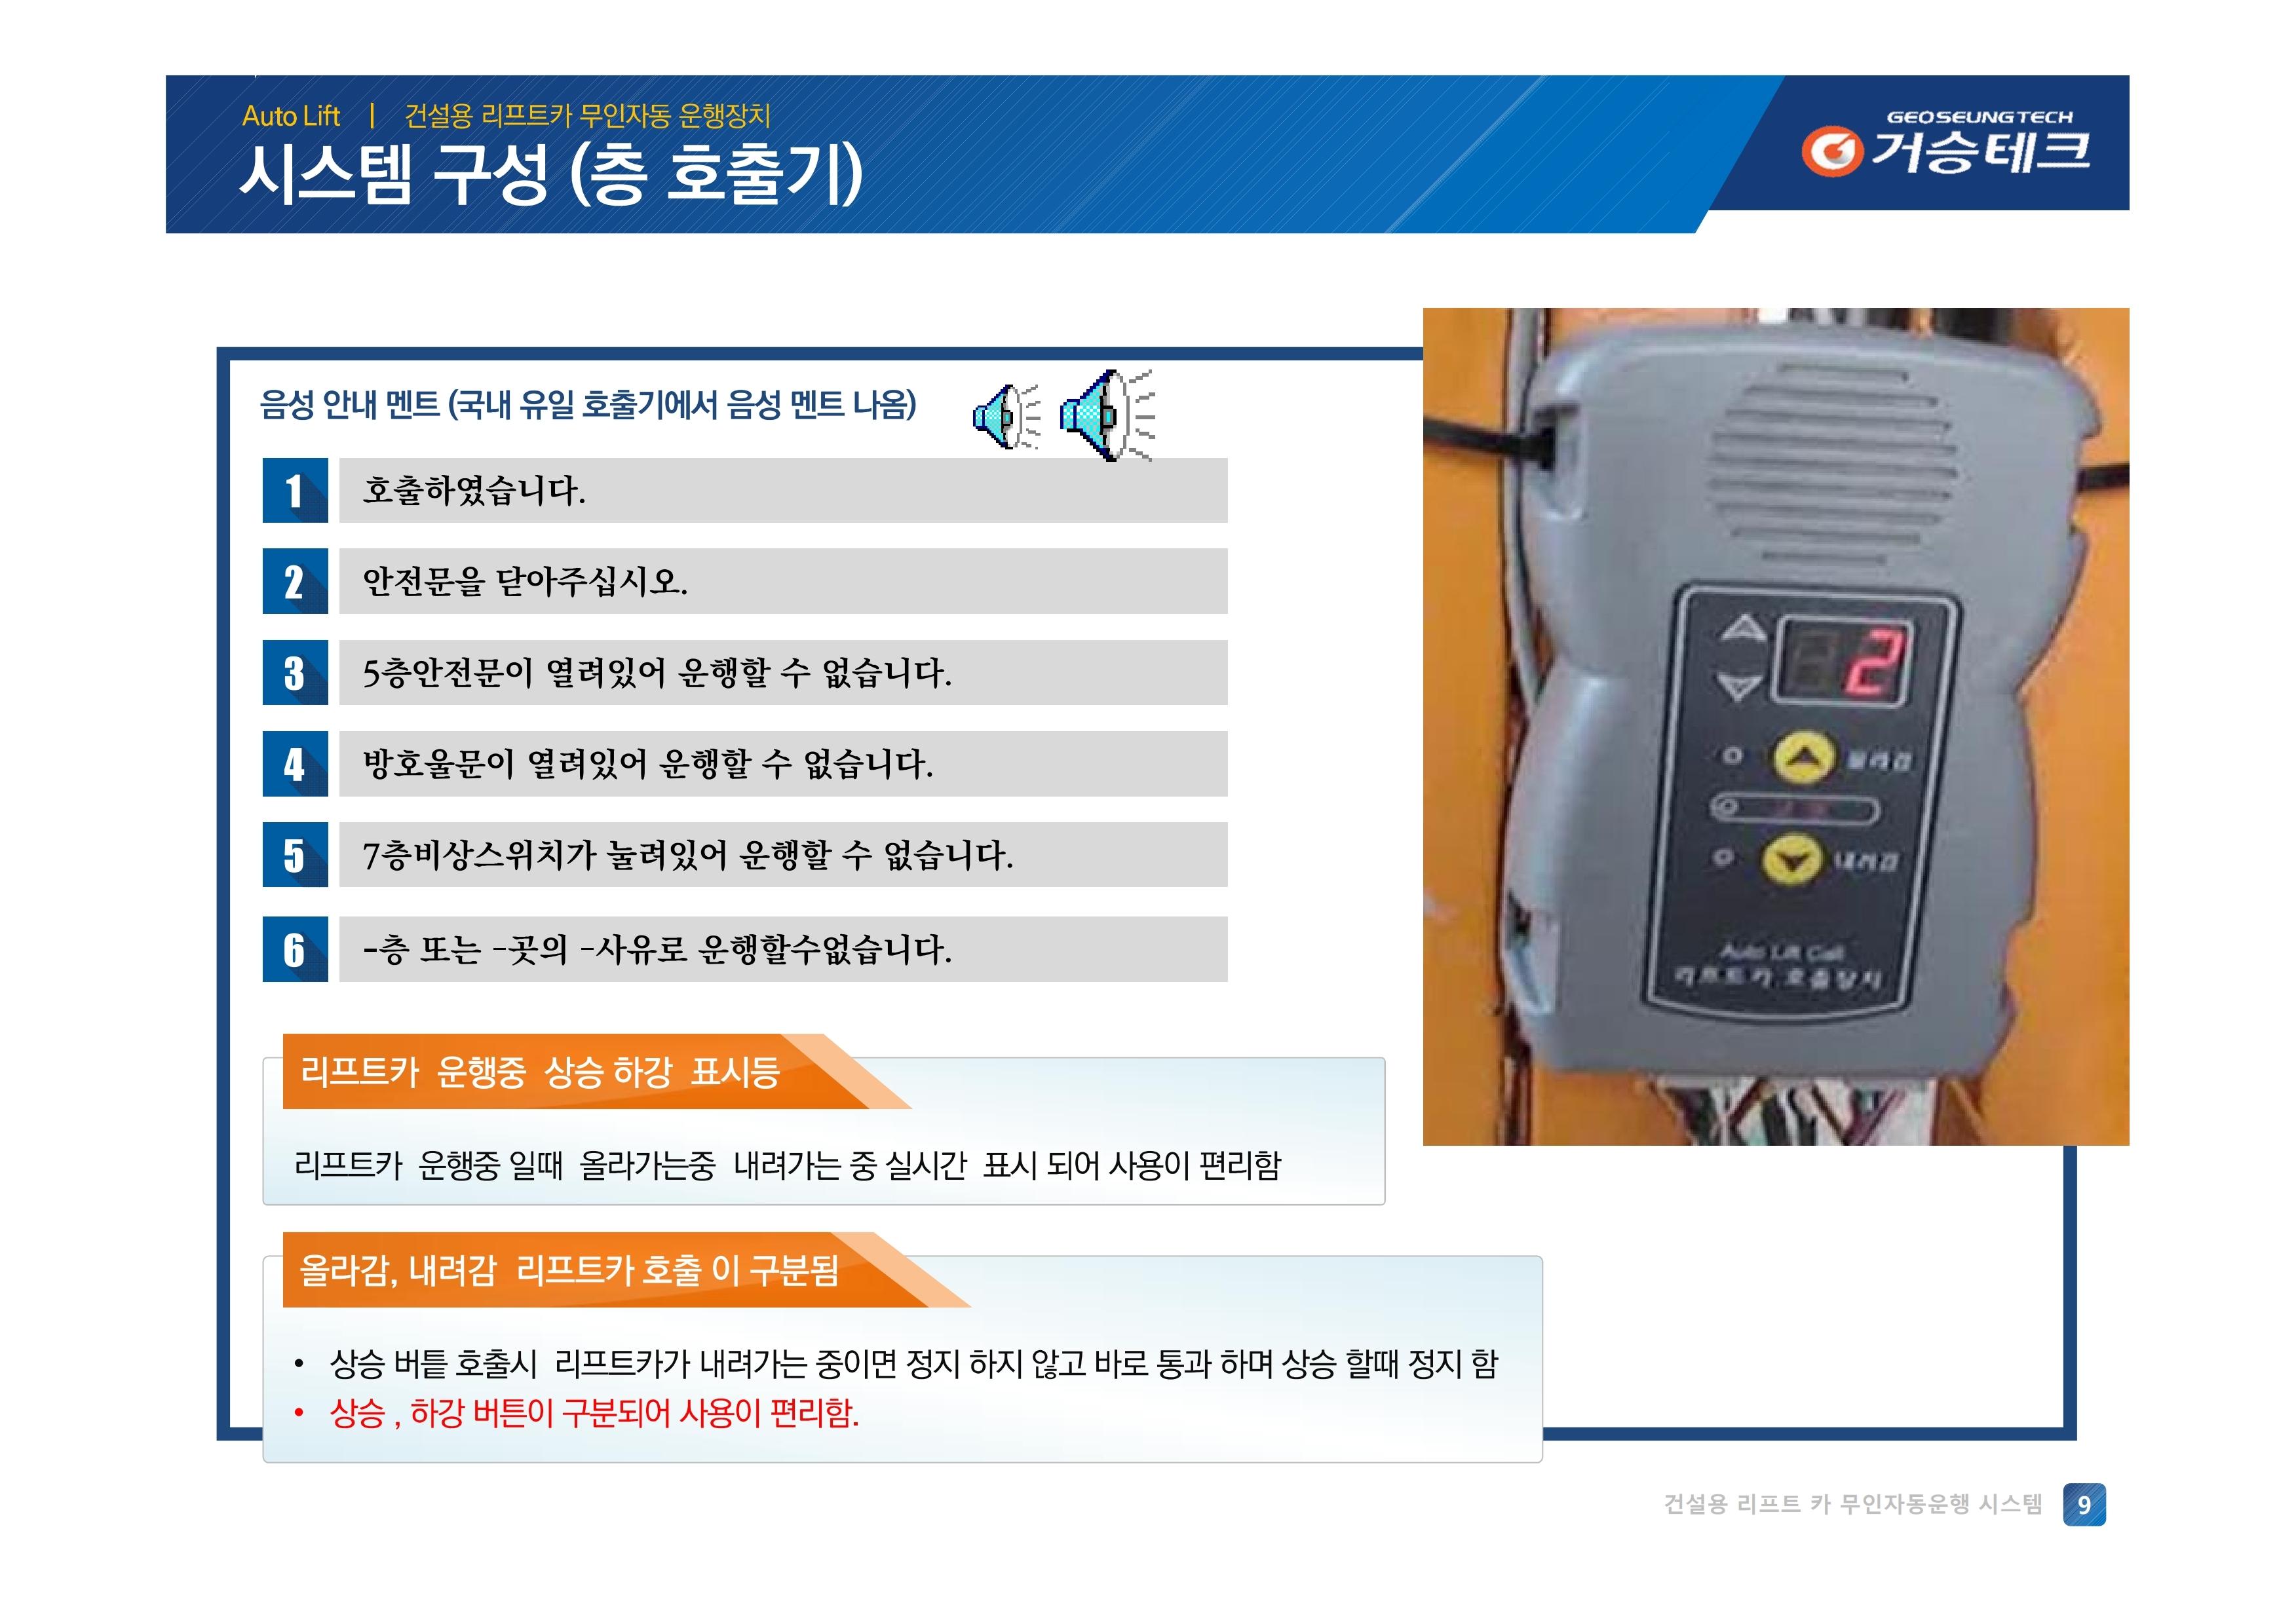 무인자동 (거승테크)-Rev01 (2020-07-22).pdf_page_09.jpg